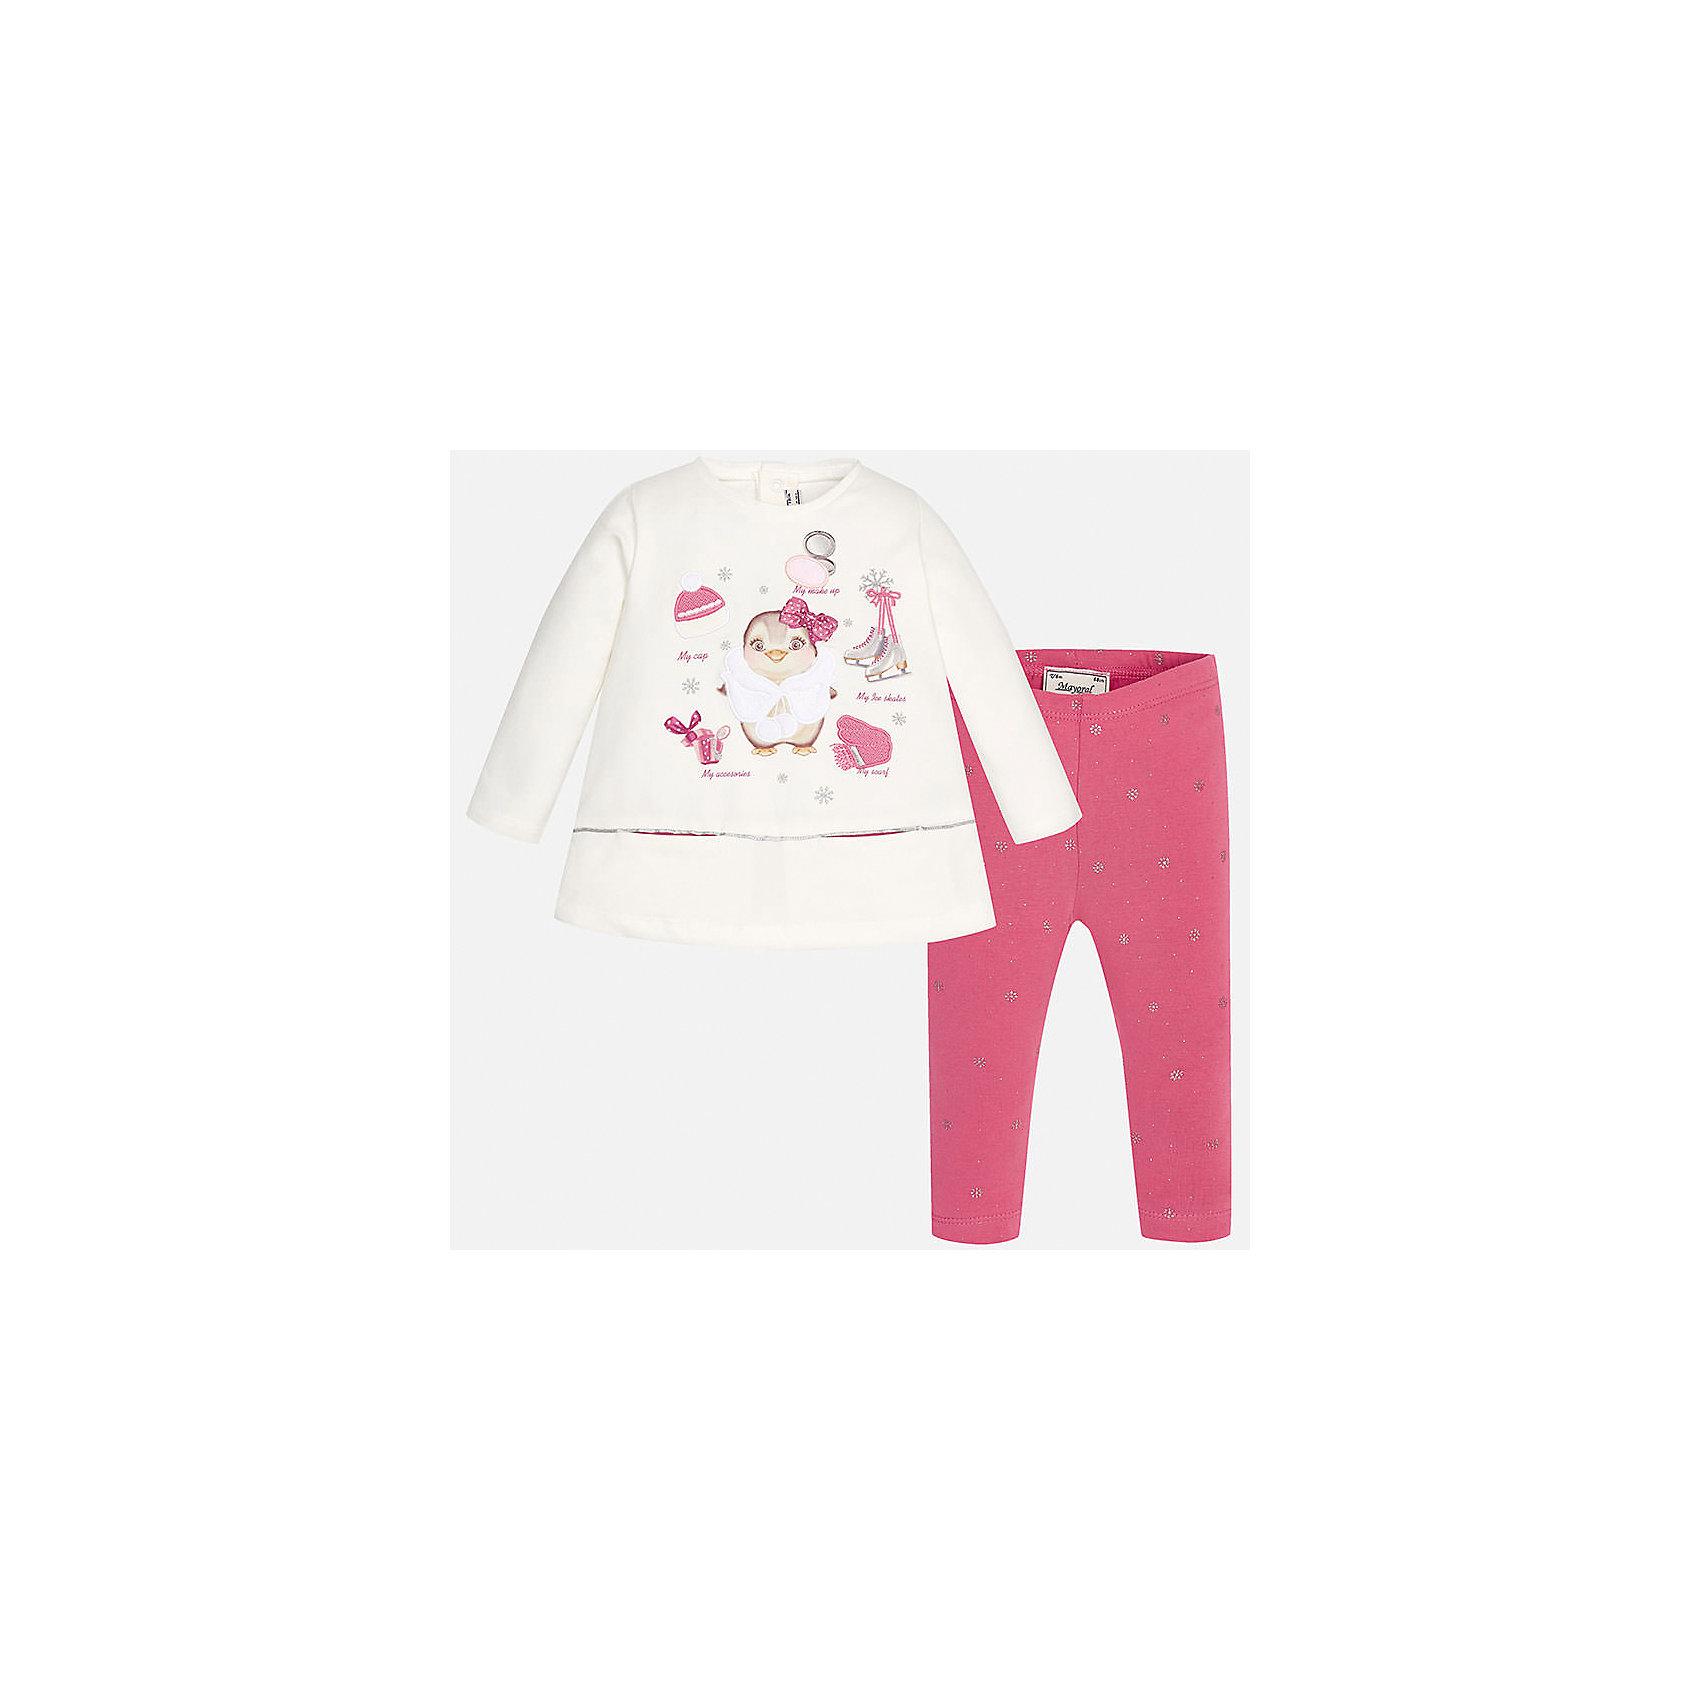 Комплект:футболка и леггинсы для девочки MayoralКомплекты<br>Комплект для девочки торговой марки  Майорал-Mayoral будет отличным вариантом для подарка. Аккуратные швы не доставят дискомфорта. Грамотный крой изделия обеспечивает отличную посадку по фигуре.  В комплект входят футболка с длинными рукавами и леггинсы выполненны из хлопка. Мягкий лонгслив украшен изображением милого пингвинчика зимой на розовом фоне. Эластичные леггинсы украшены маленкими снежинками и точками, дополнены удобной широкой резинкой на поясе. Такой модный комплект будет по достоинству оценен Вашей девочкой.<br><br>Дополнительная информация:<br><br>- вид застежки: без застежки <br>- цвет: розовый, белый<br>- тип карманов: втачные <br>- параметры брючин: ширина брючин – низ: 9 см; по внутреннему шву ; 21 см<br>- фактура материала: текстильный<br>- покрой: прямой<br>- состав: 92% хлопка; 8% эластан<br>- длина  изделия: верх 38 см. низ 31 см<br>- уход за вещами: бережная стирка при 30 градусах<br>- рисунок: с  рисунком<br>- материал: трикотаж<br>- назначение: повседневная<br>- сезон: круглогодичный<br>- пол: девочки<br>- страна бренда: Испания<br>- страна производитель:  Индия<br>- комплектация: лонгслив, леггинсы <br><br>Комплект торговой марки  Майорал можно купить в нашем интернет магазине.<br><br>Ширина мм: 123<br>Глубина мм: 10<br>Высота мм: 149<br>Вес г: 209<br>Цвет: красный<br>Возраст от месяцев: 12<br>Возраст до месяцев: 15<br>Пол: Женский<br>Возраст: Детский<br>Размер: 80,92,74,86<br>SKU: 4846154